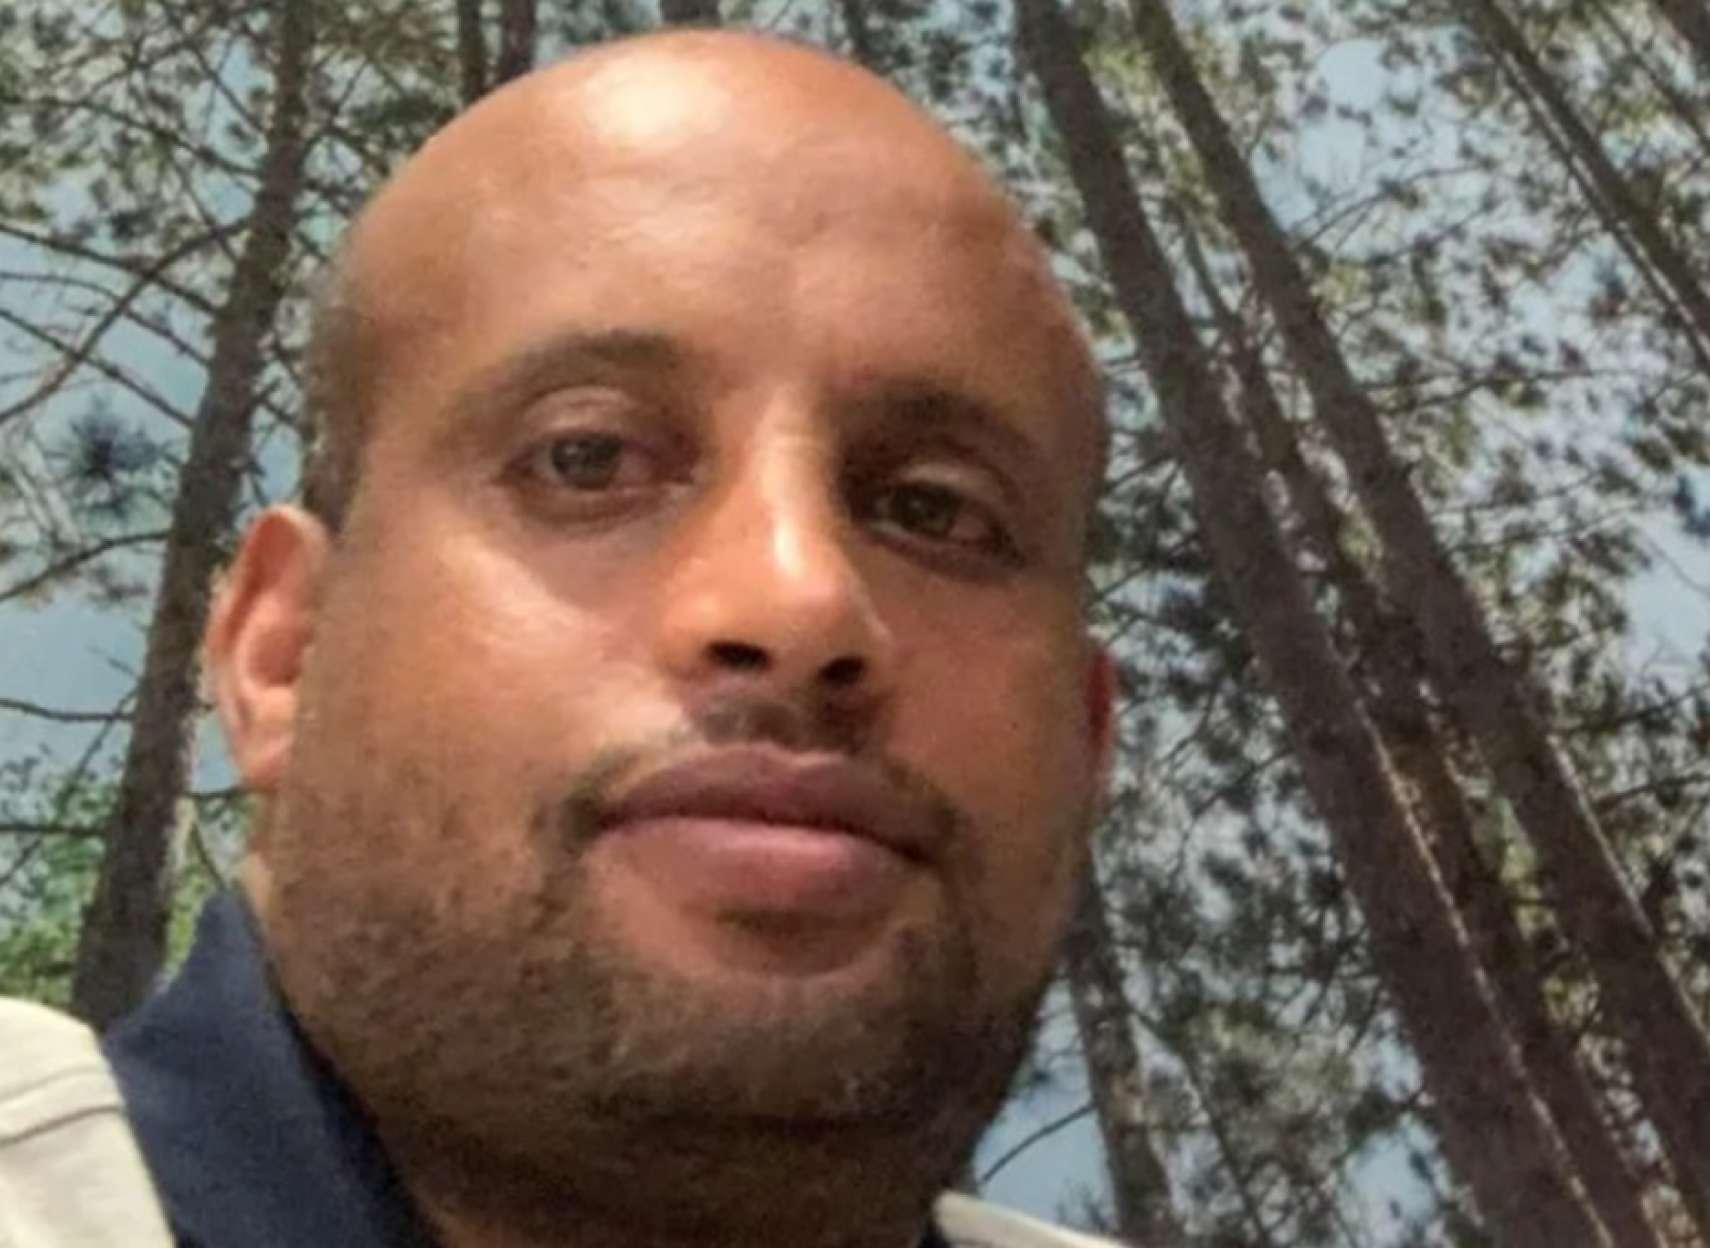 اخبار-تورنتو-مرگ-عجیب-برنده-لاتاری-تورنتو-در-اتیوپی